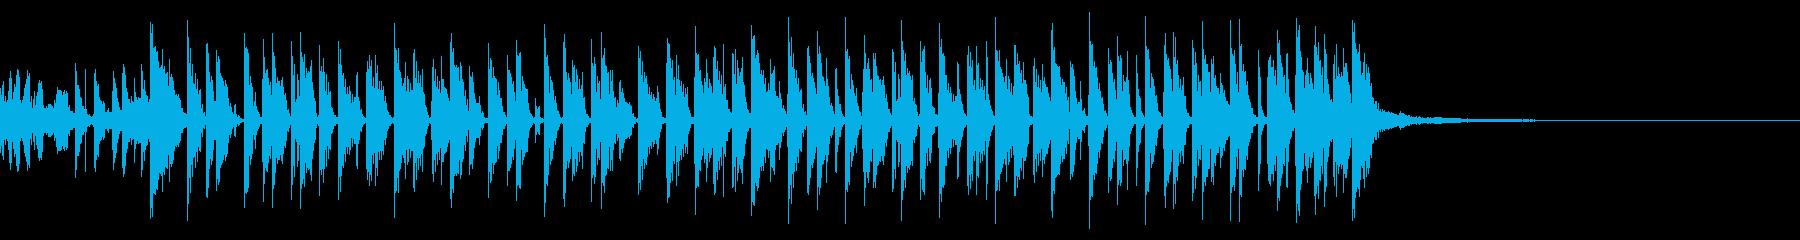 ジャイロスコープALT。混合の再生済みの波形